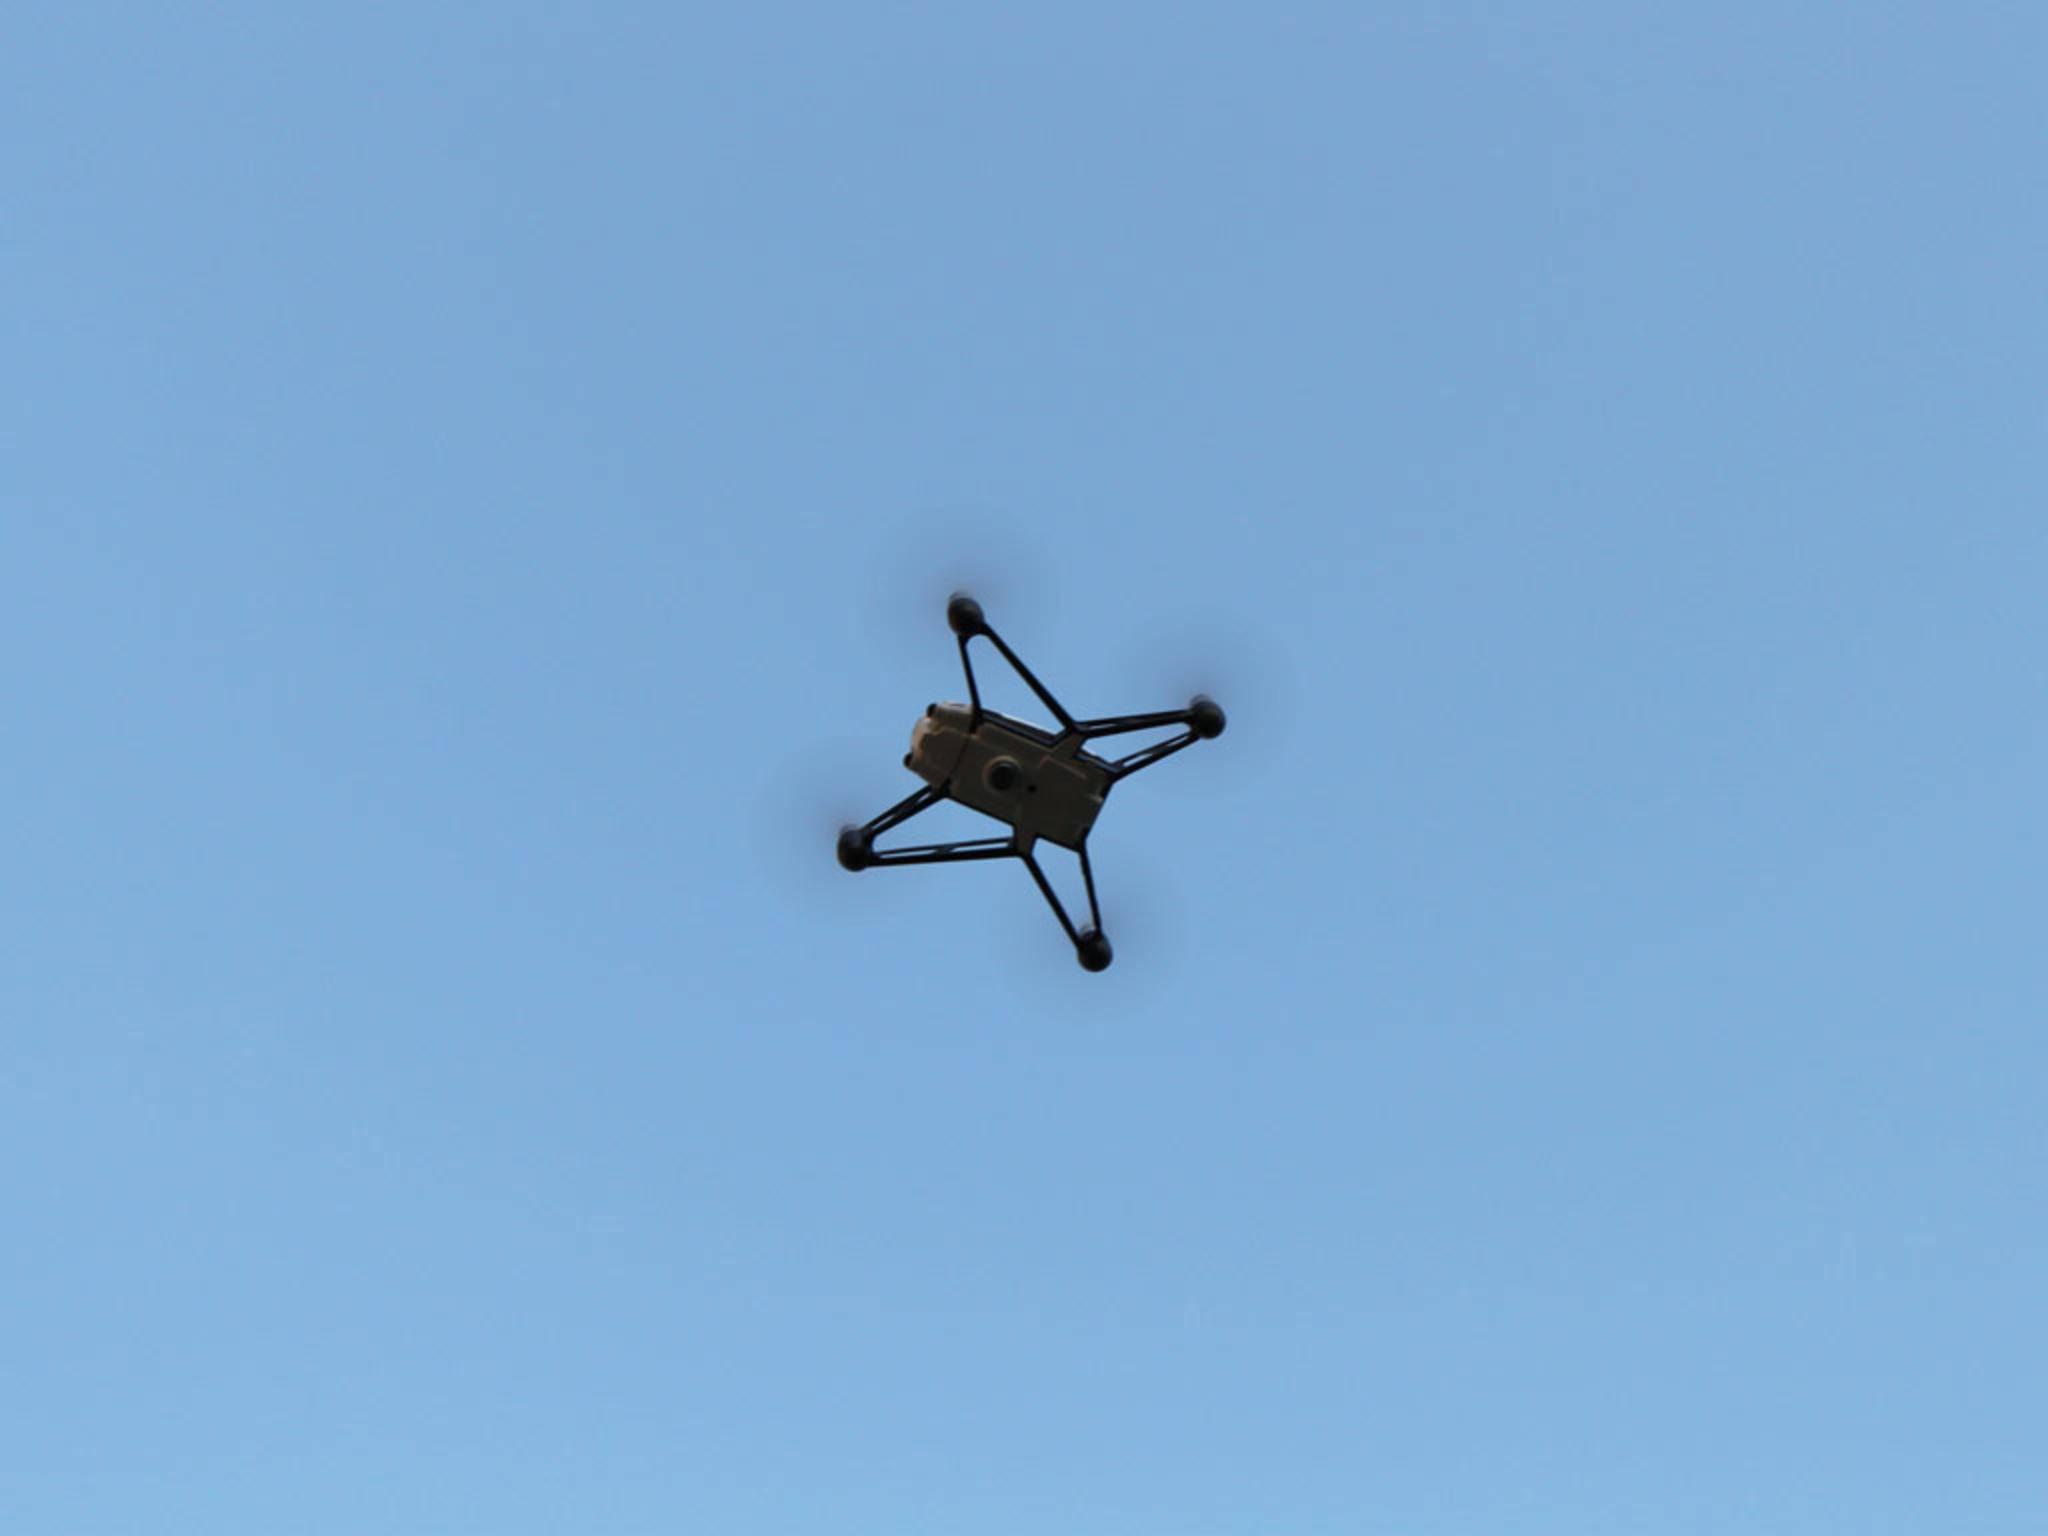 Parrot-Hydrofoil-Drone-T5